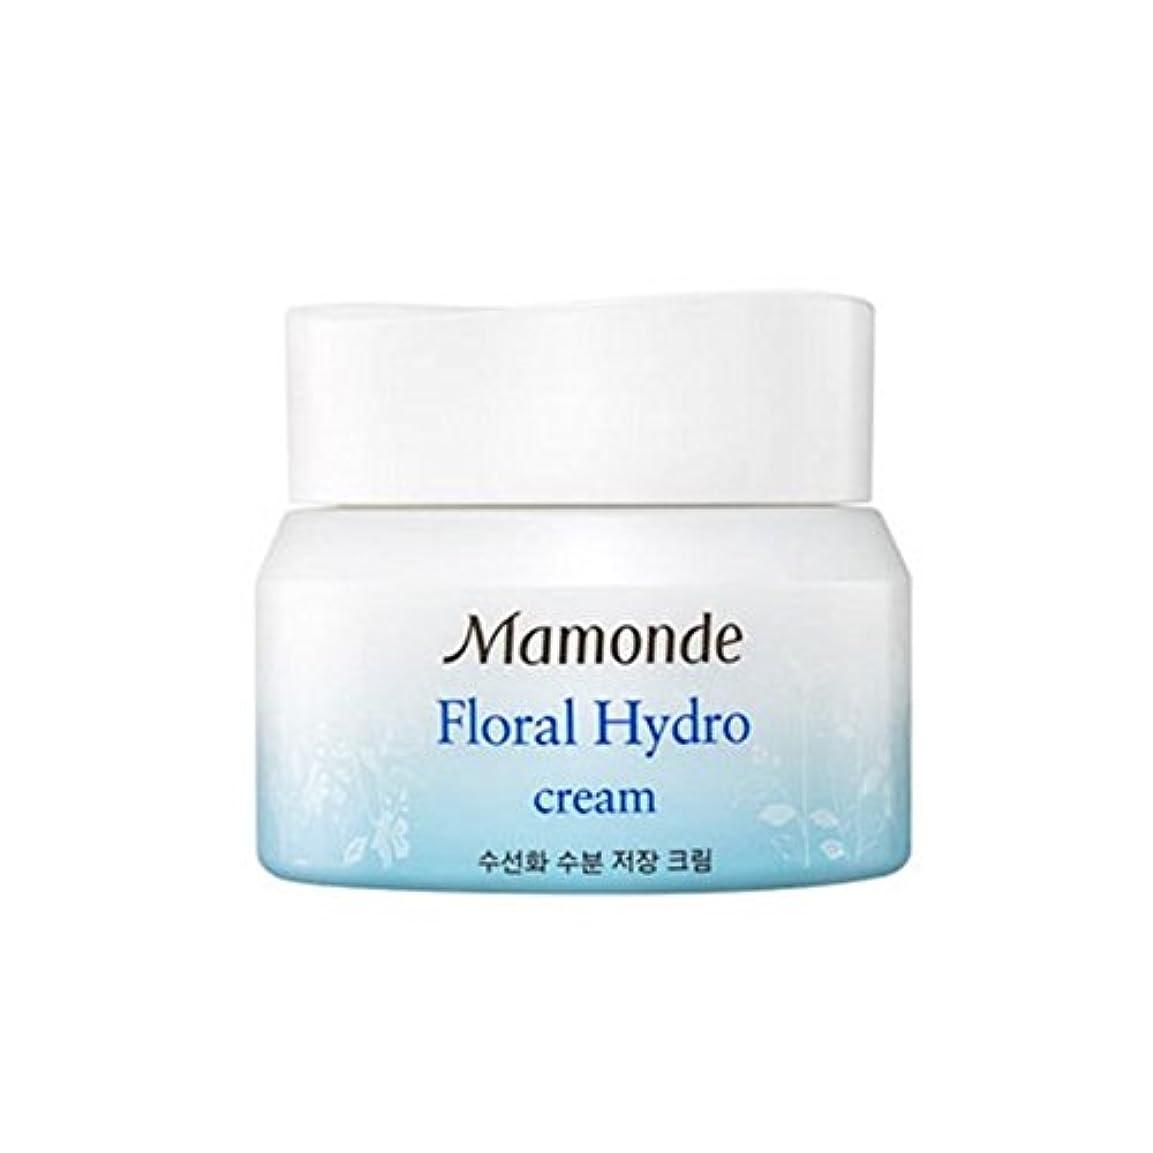 シルク悪質なジョットディボンドン【マモンド】 MAMONDE Floral Hydro Cream フローラルのハイドロ クリーム 【韓国直送品】 OOPSPANDA